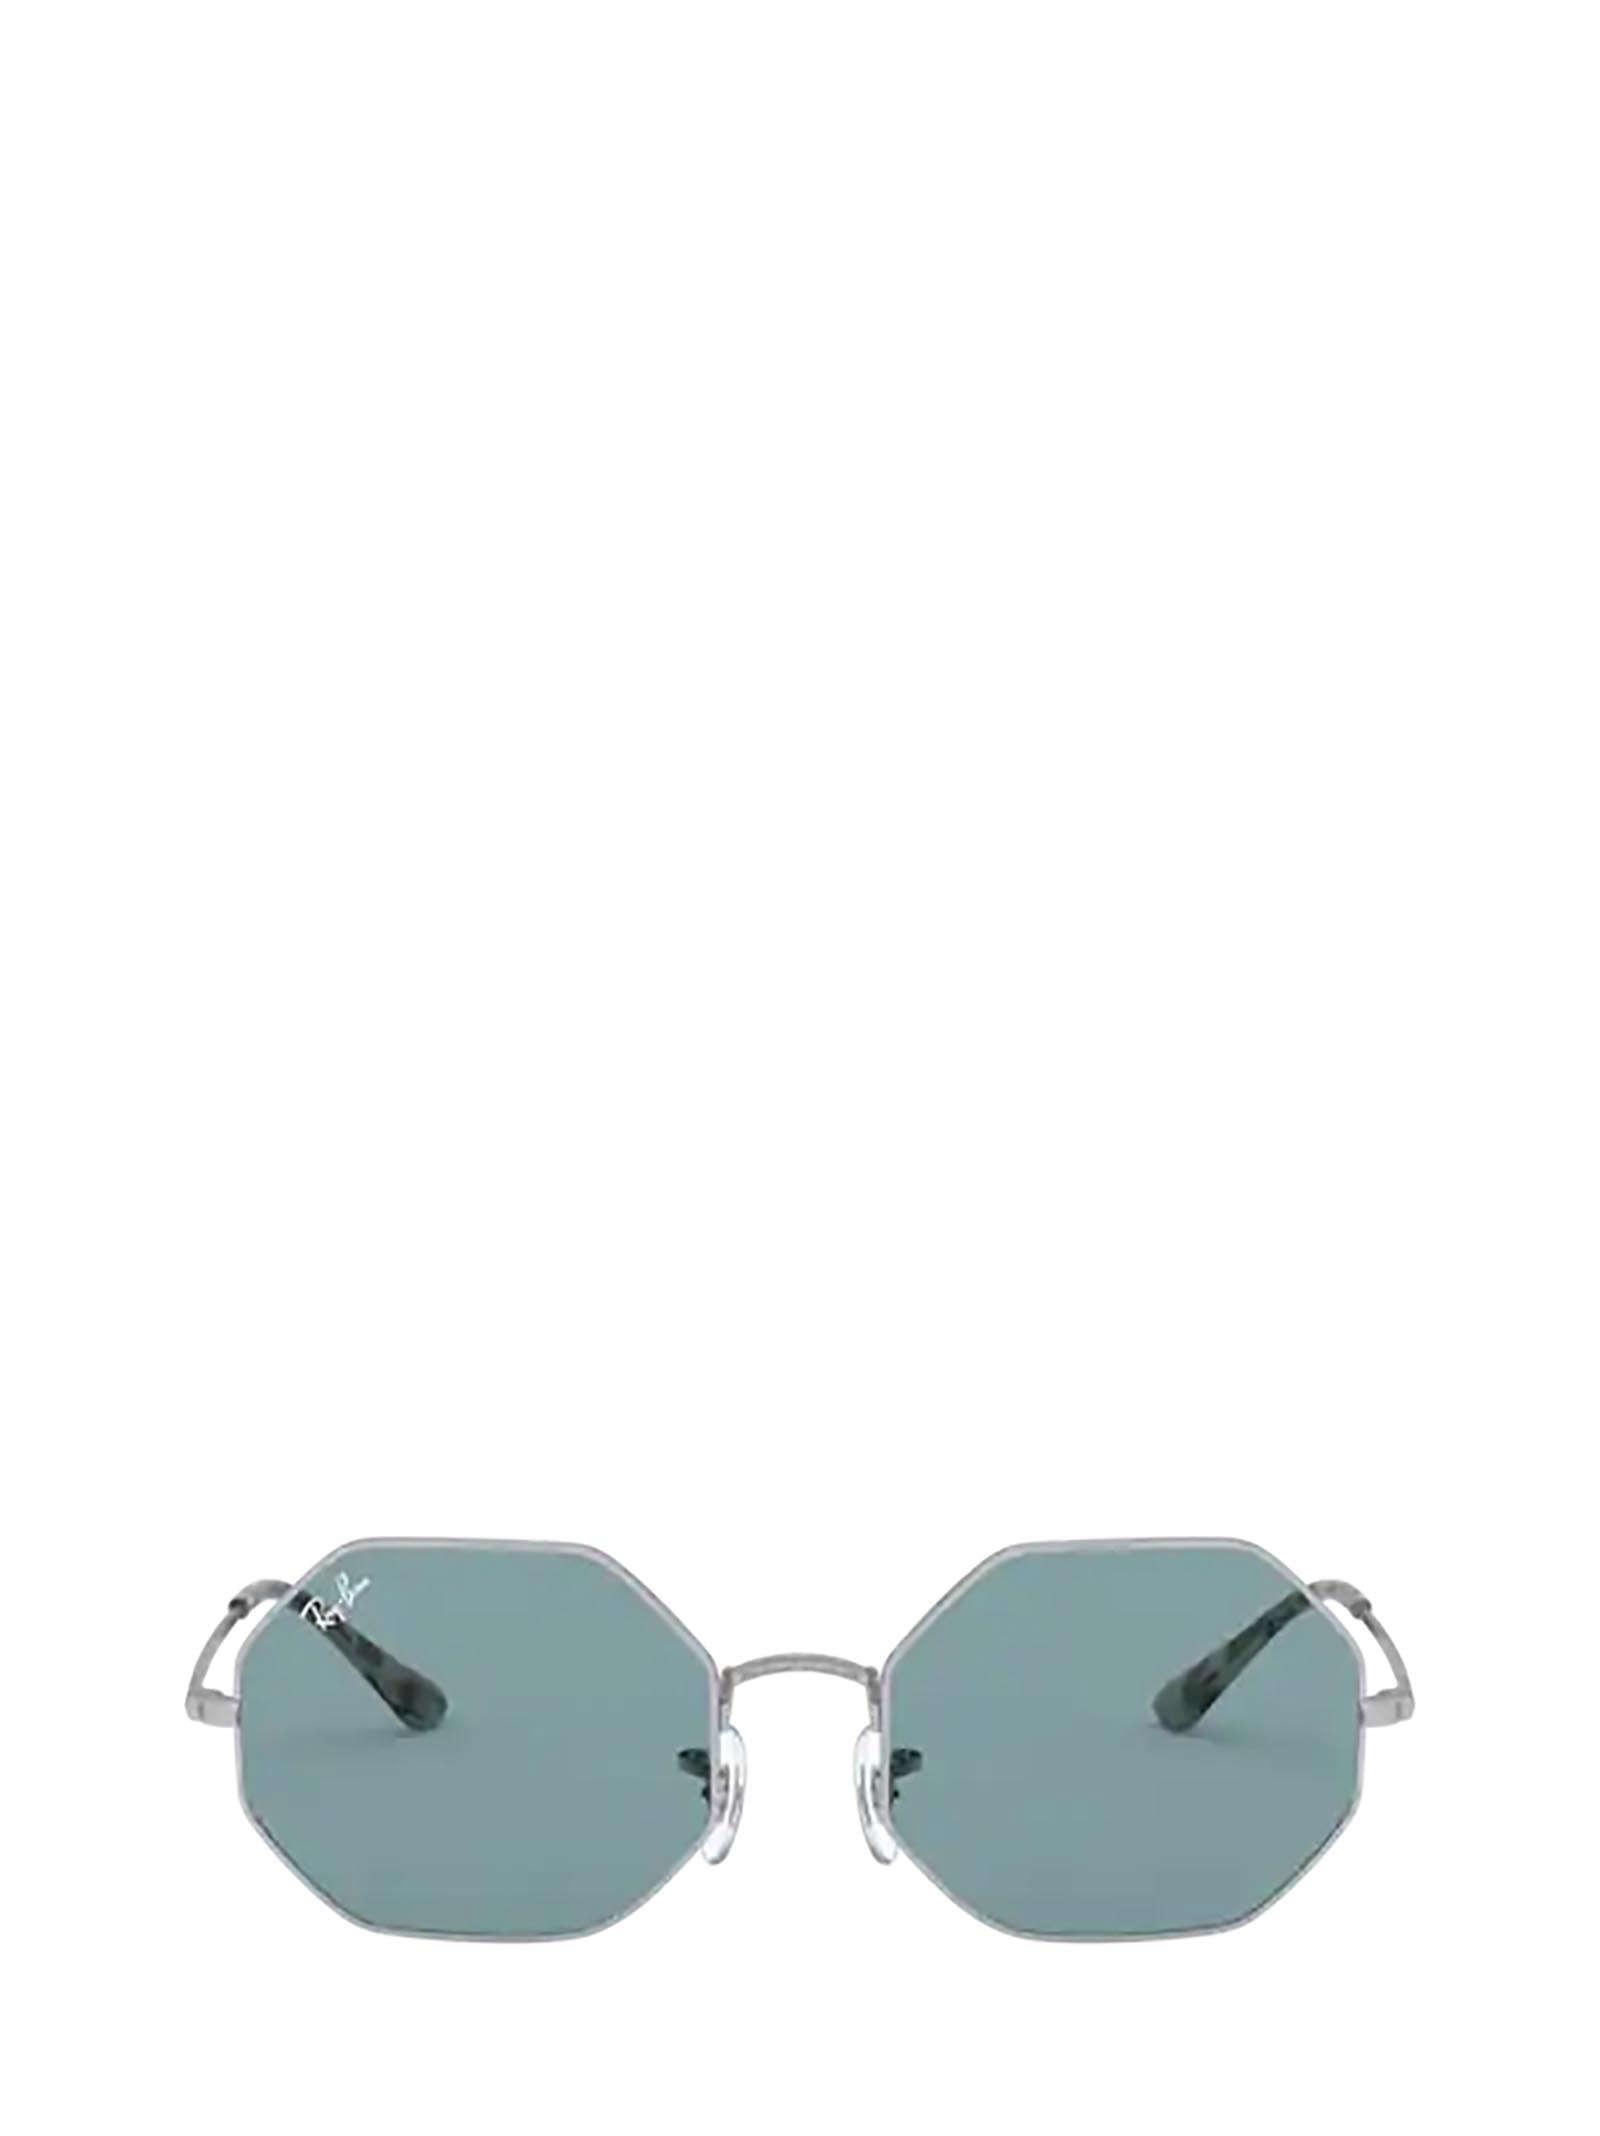 Ray-Ban Ray-ban Rb1972 Silver Sunglasses